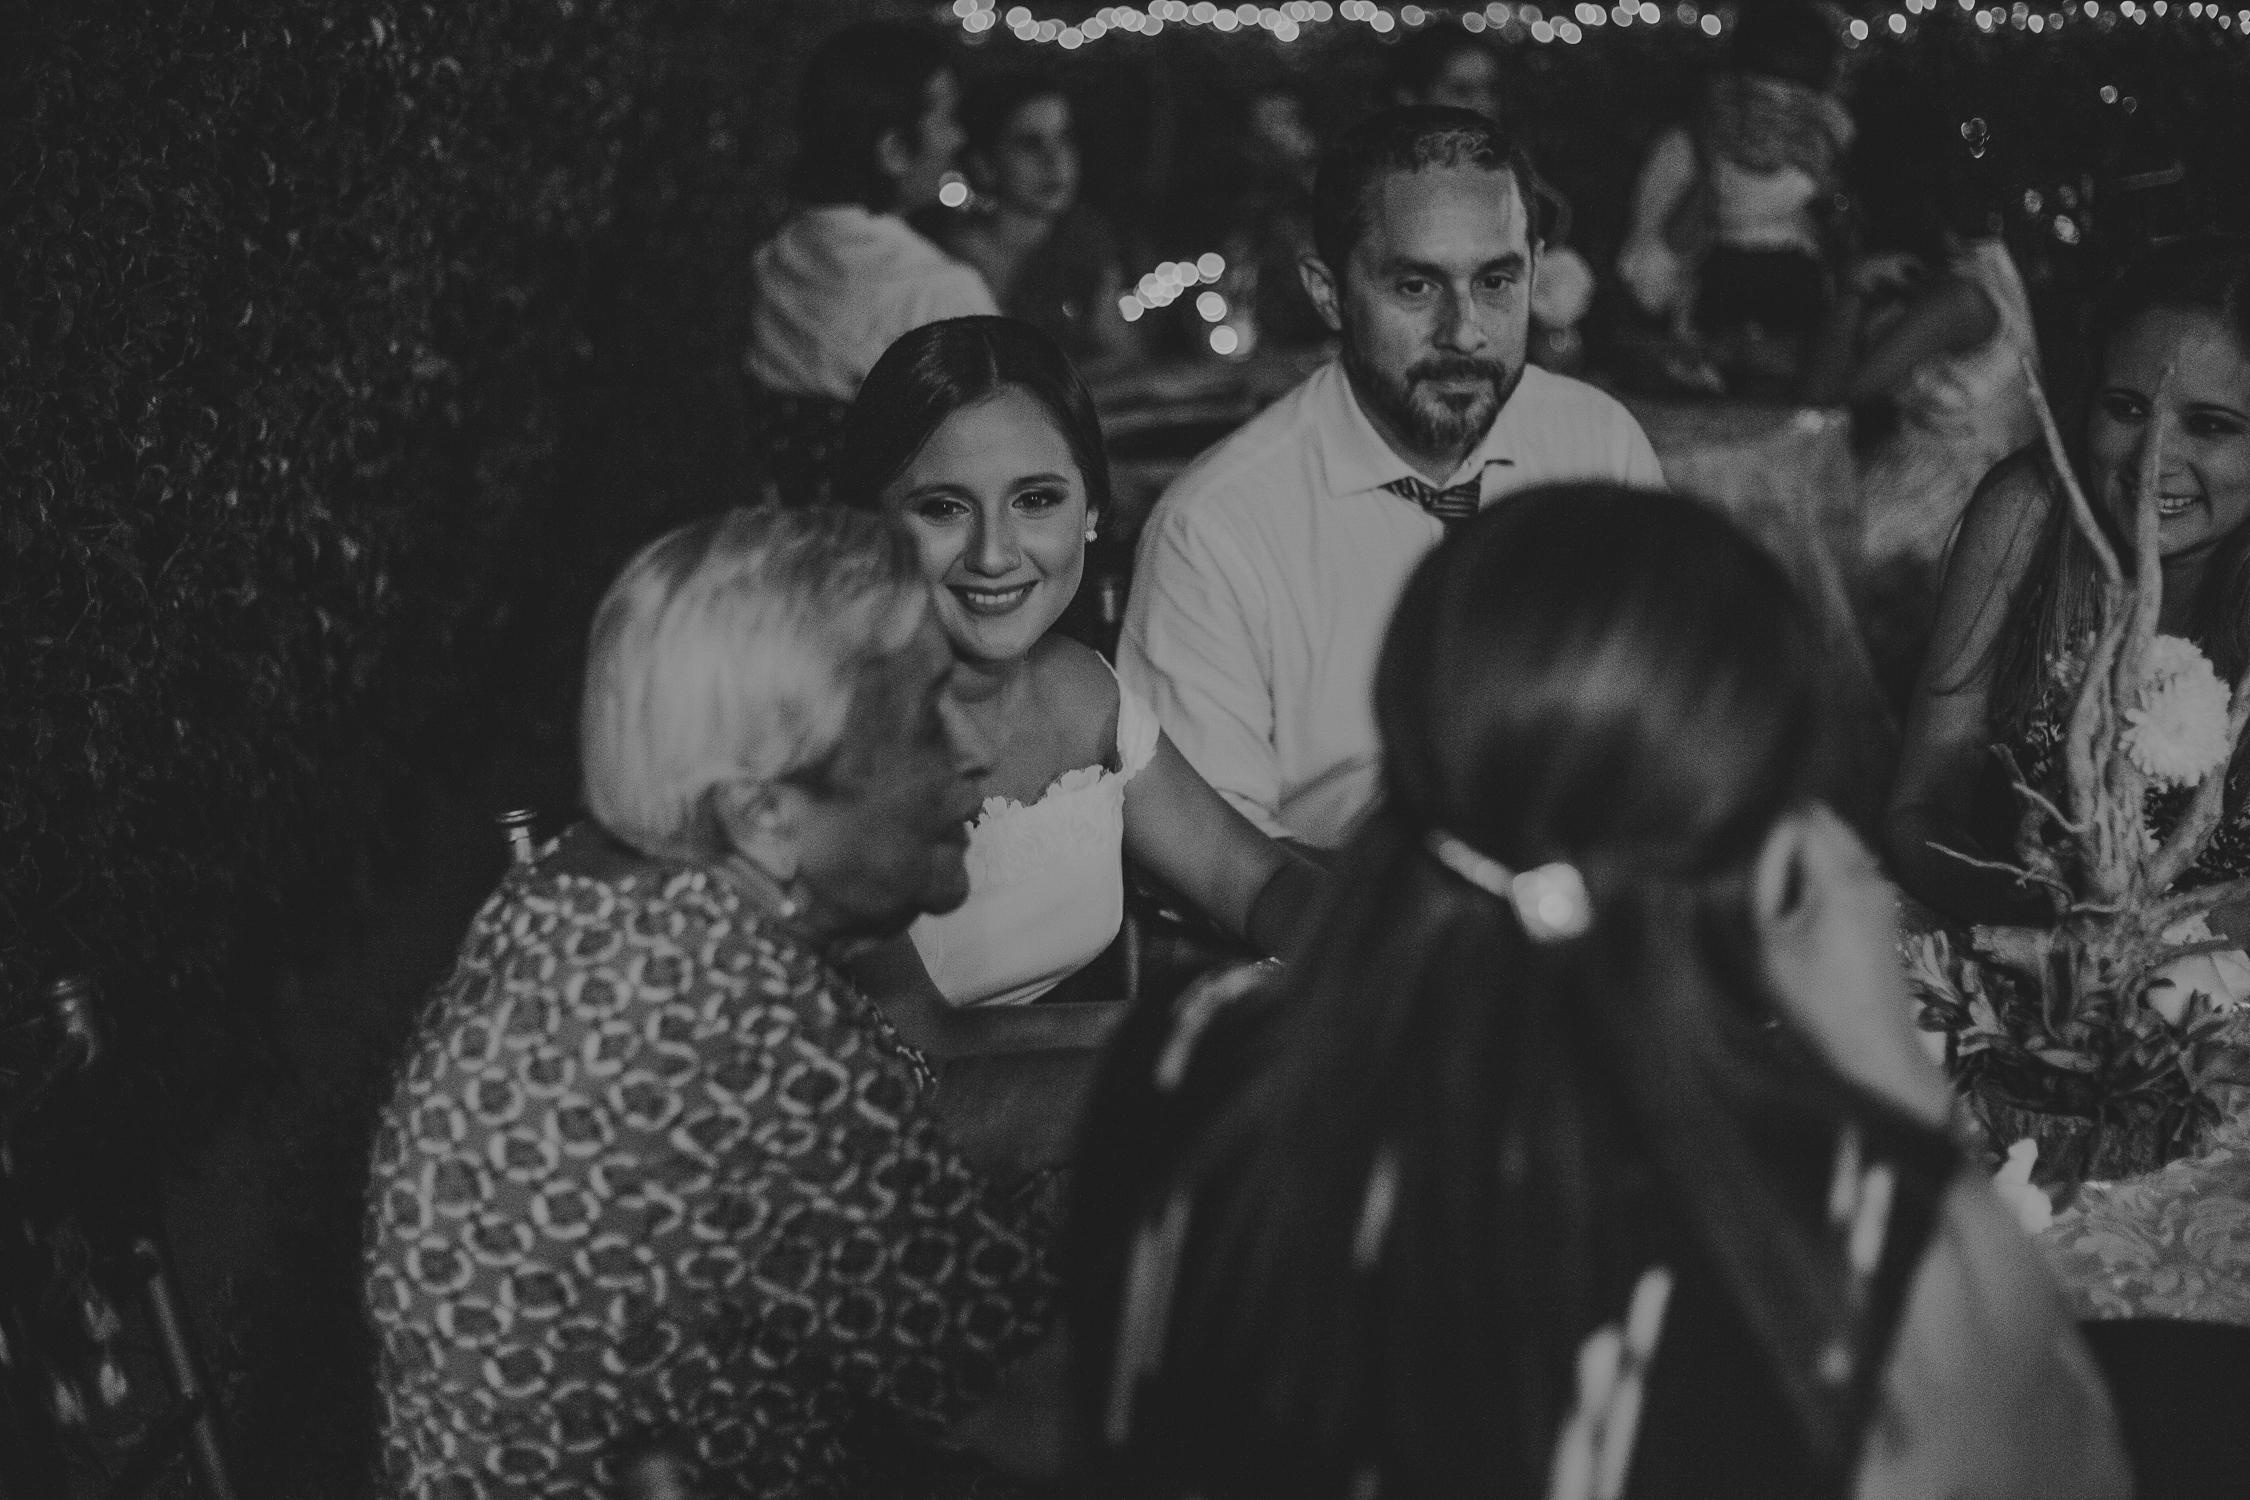 Michelle-Agurto-Fotografia-Bodas-Ecuador-Destination-Wedding-Photographer-Adriana-Allan-23.JPG